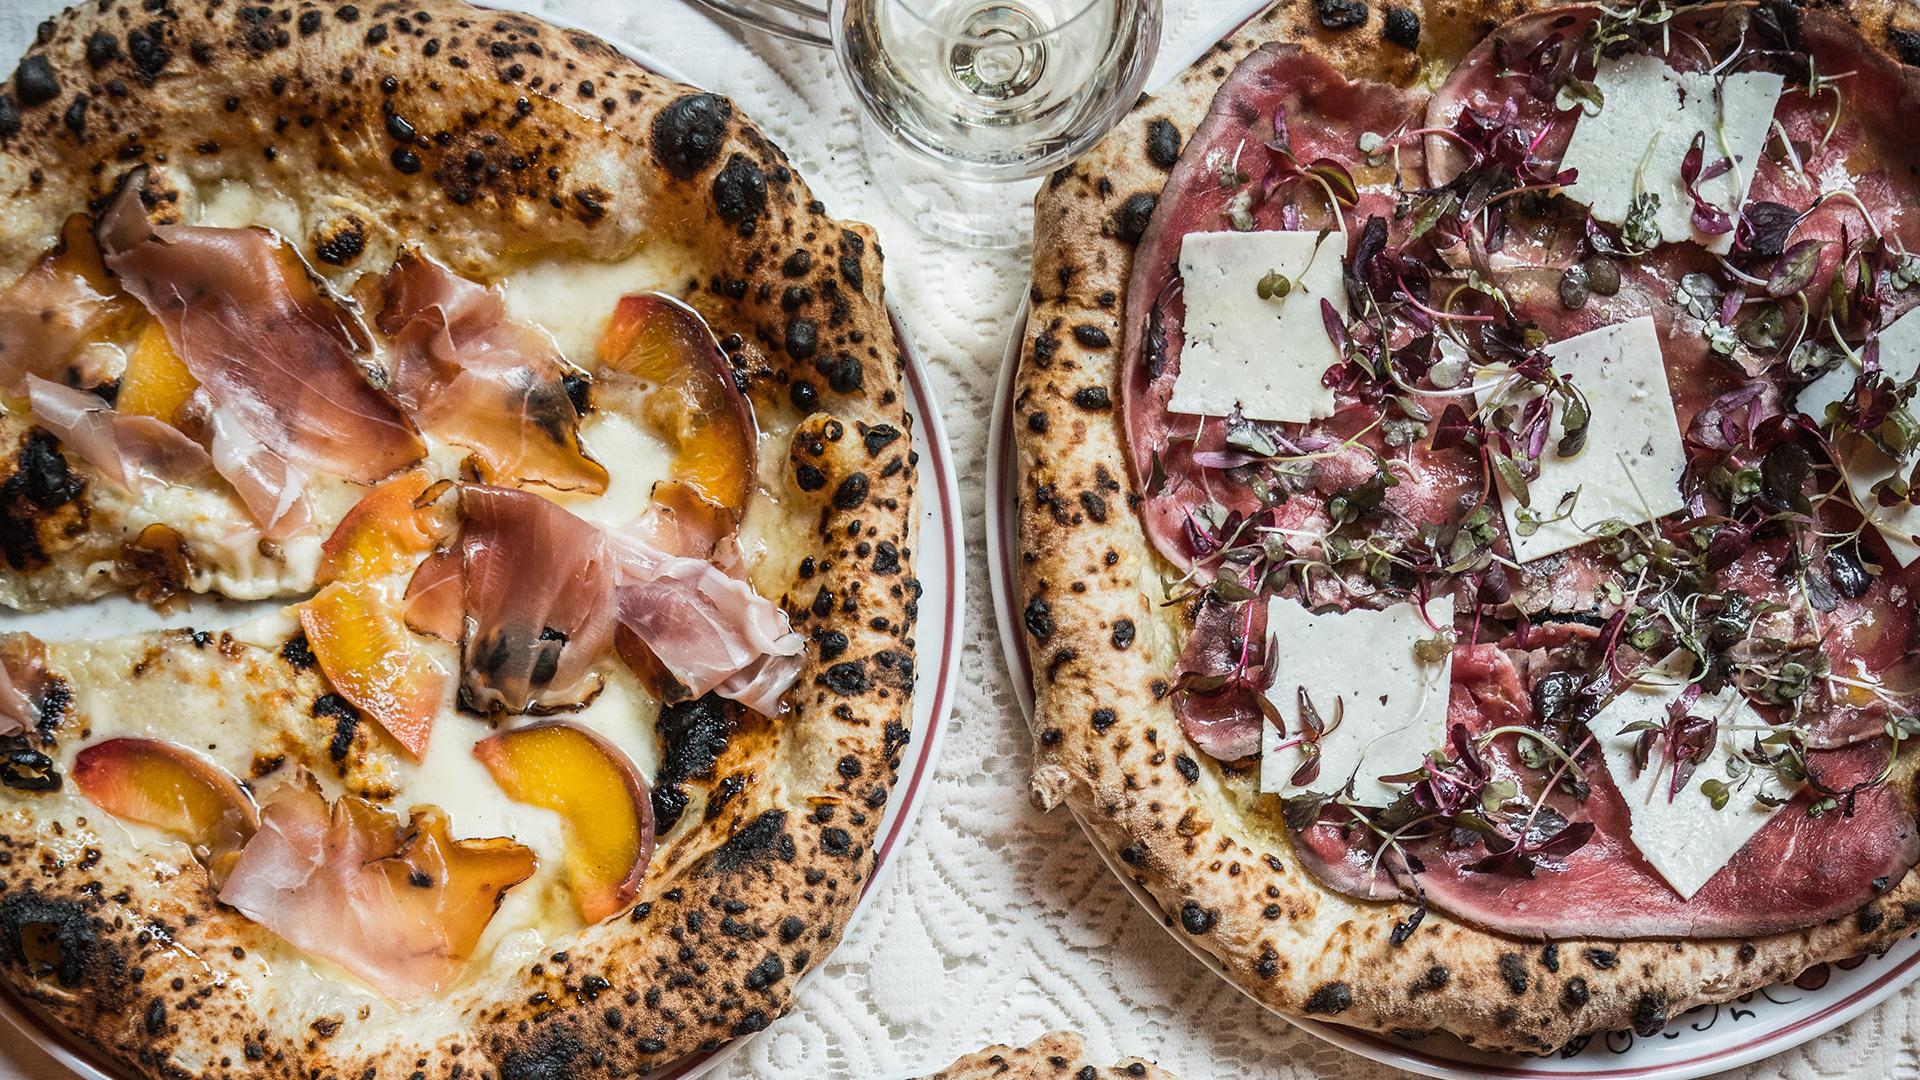 London pizza favourites - Circolo Popolare